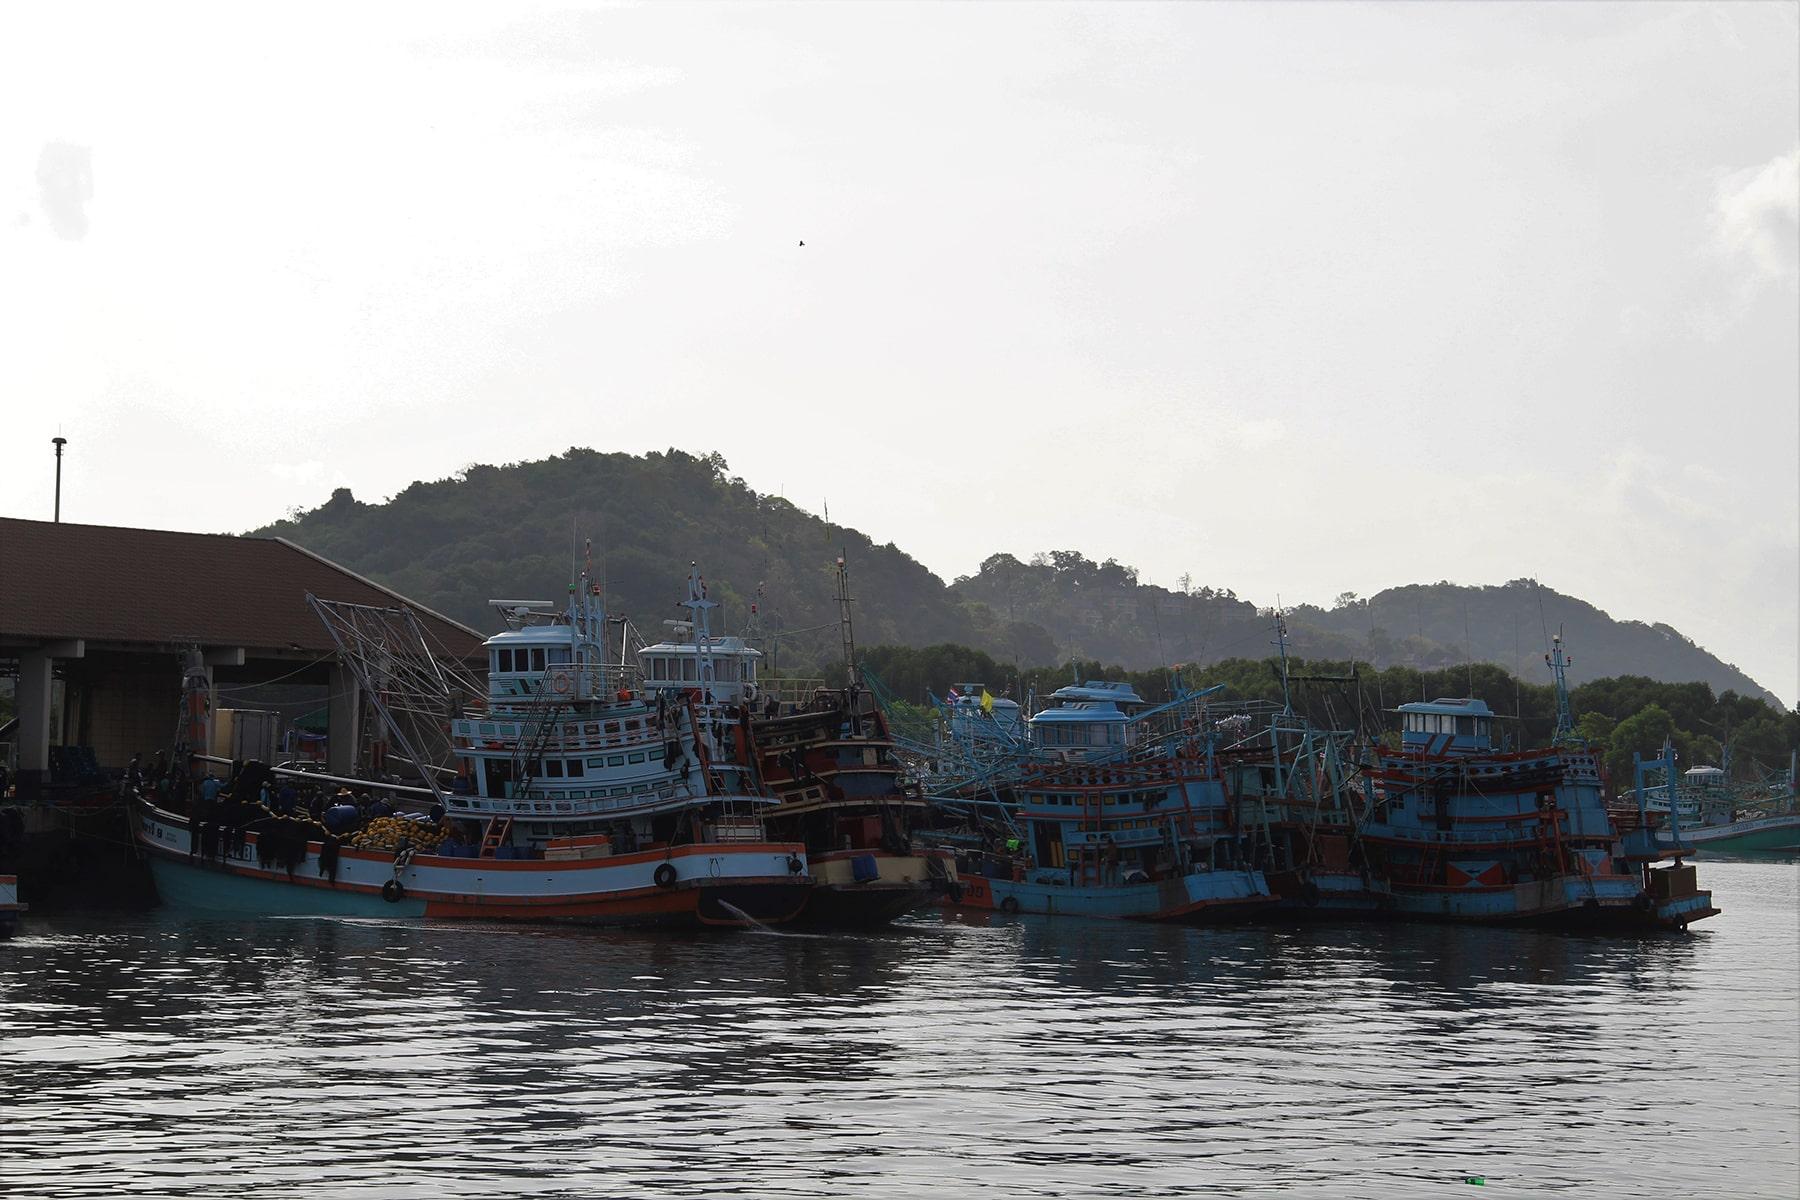 Bateaux dans le port de Phuket